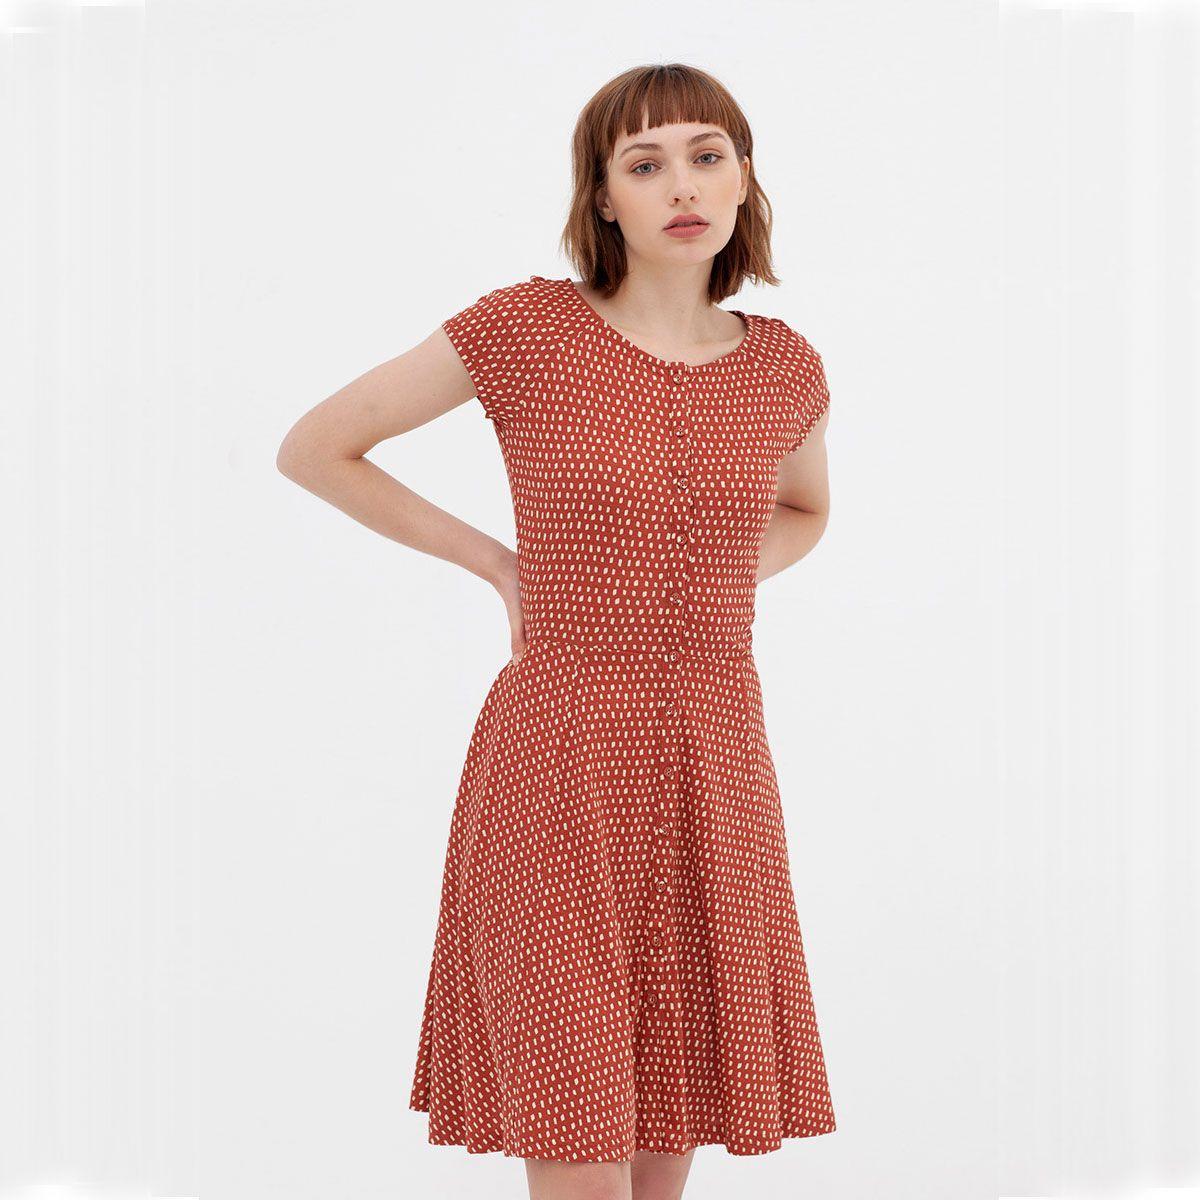 Vestido retro entallado de algodón orgánico color teja